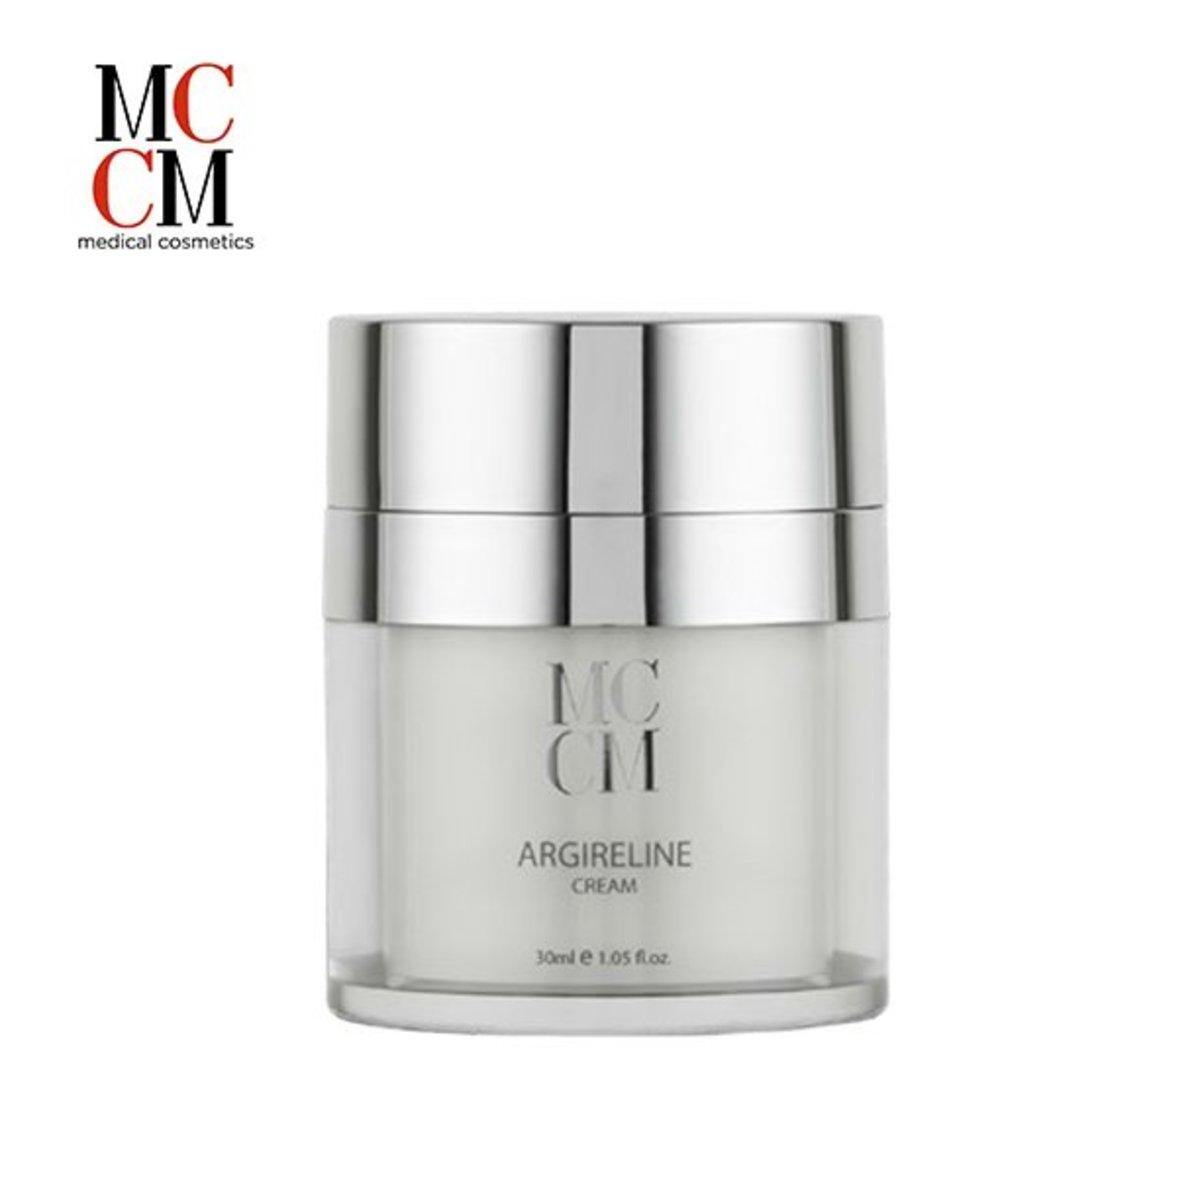 (SPAIN) Argireline Cream 30ml - Anti-wrinkle, Firming